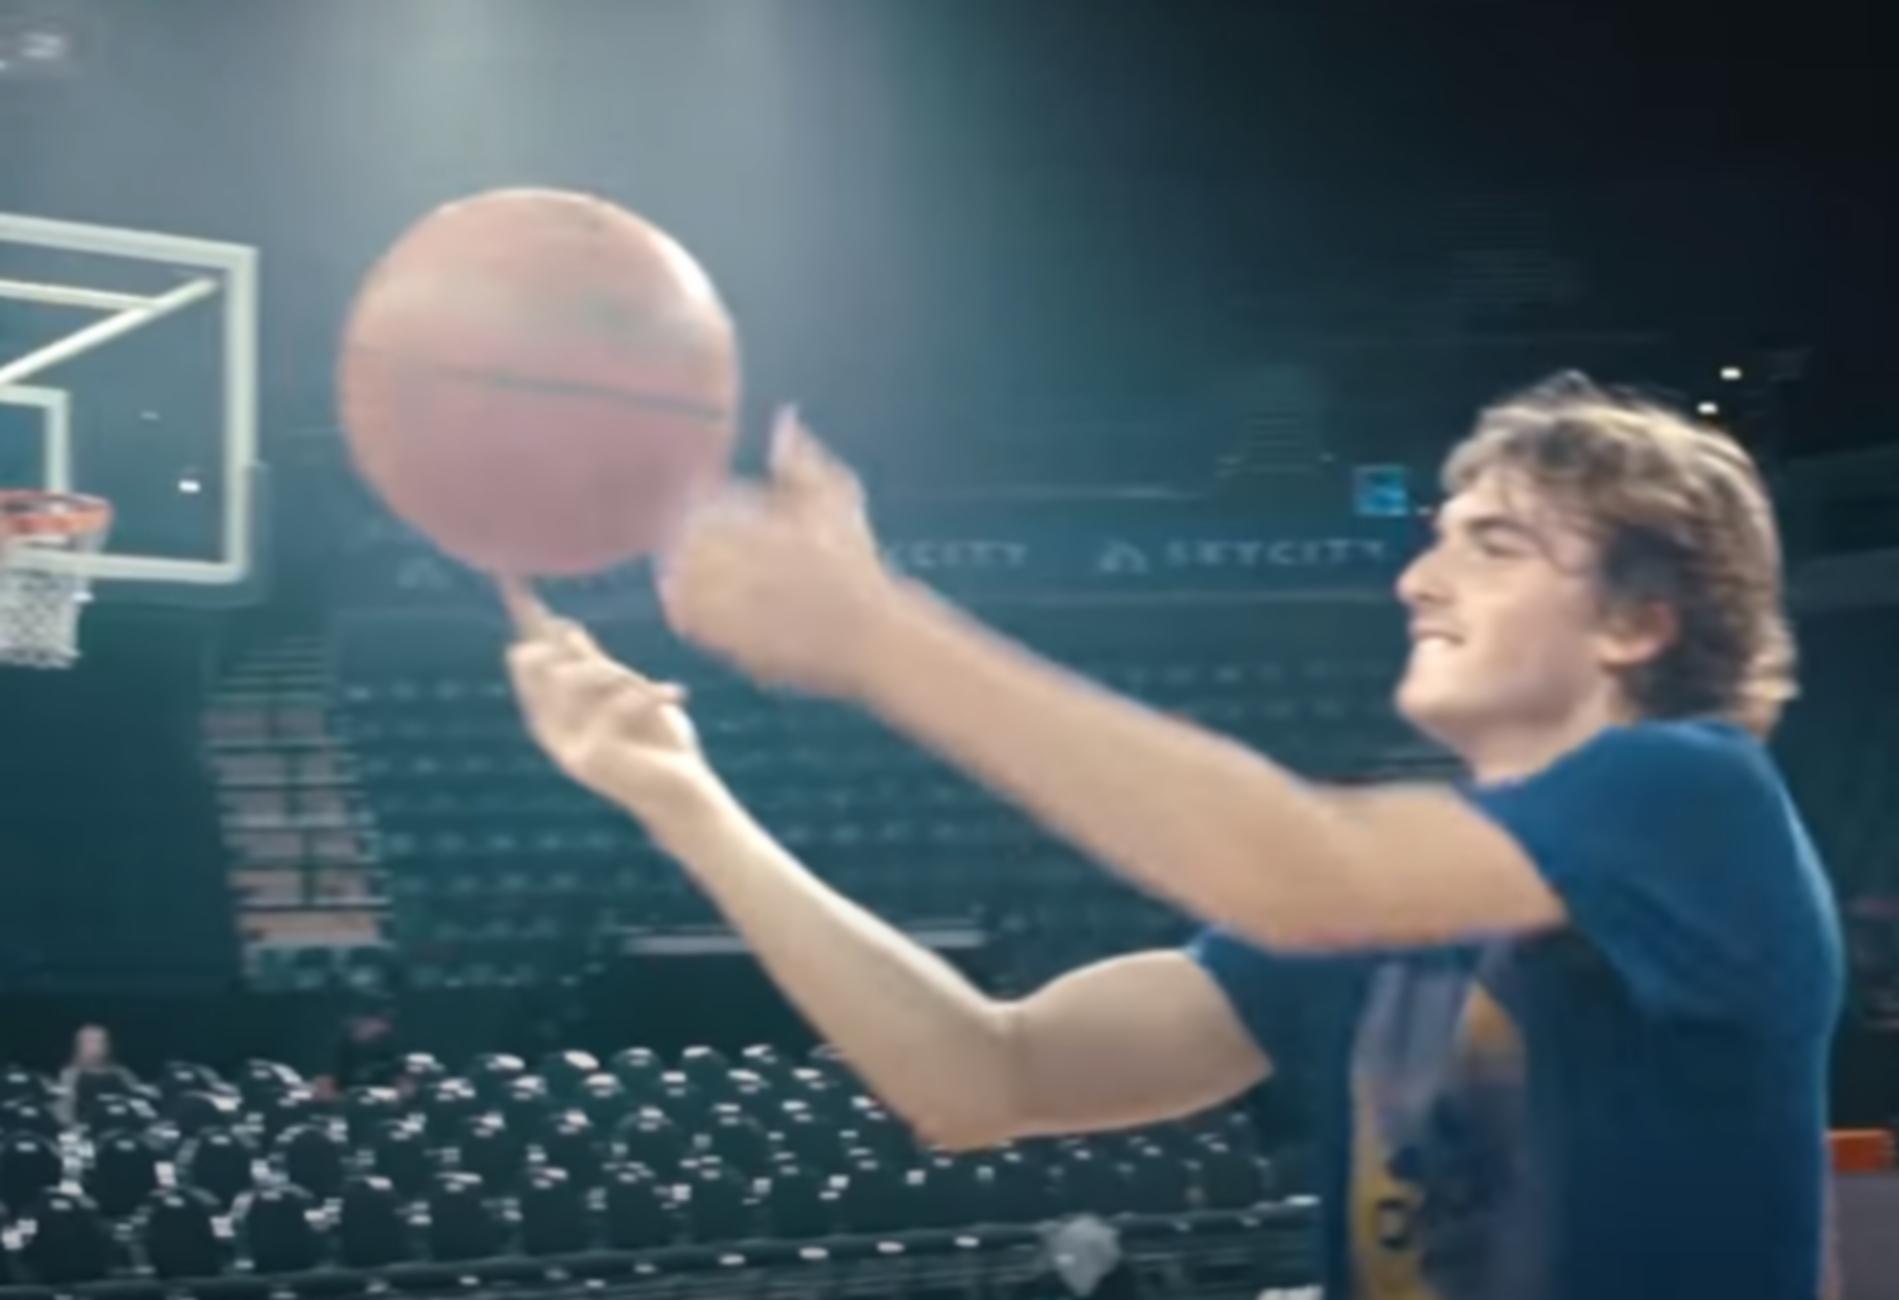 Ο νεαρός Τσιτσιπάς δείχνει το ταλέντο του στο μπάσκετ (video)